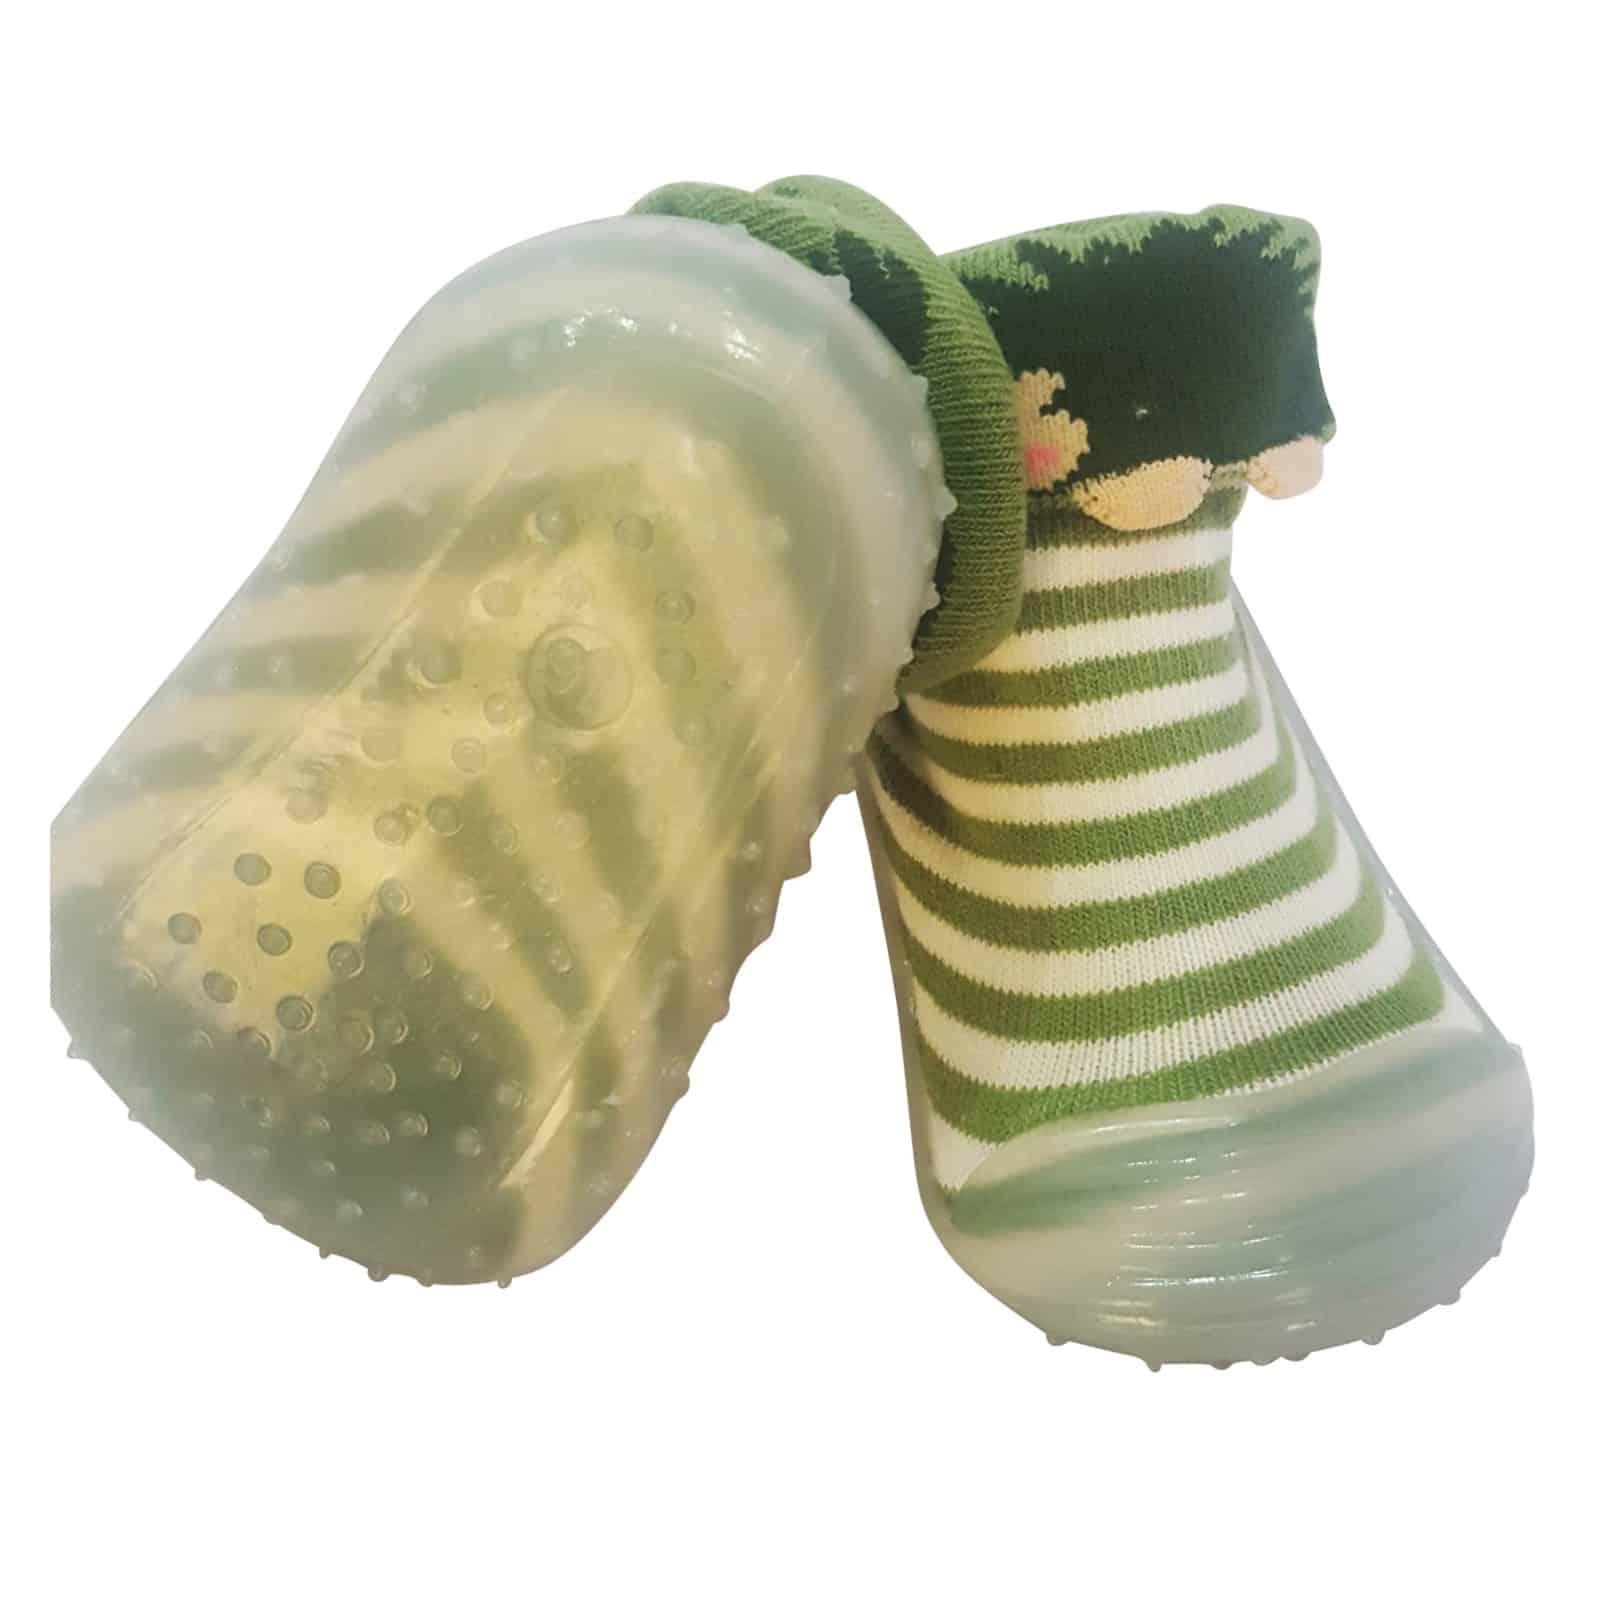 873575167348e Chaussons-chaussettes enfant antidérapants semelle souple